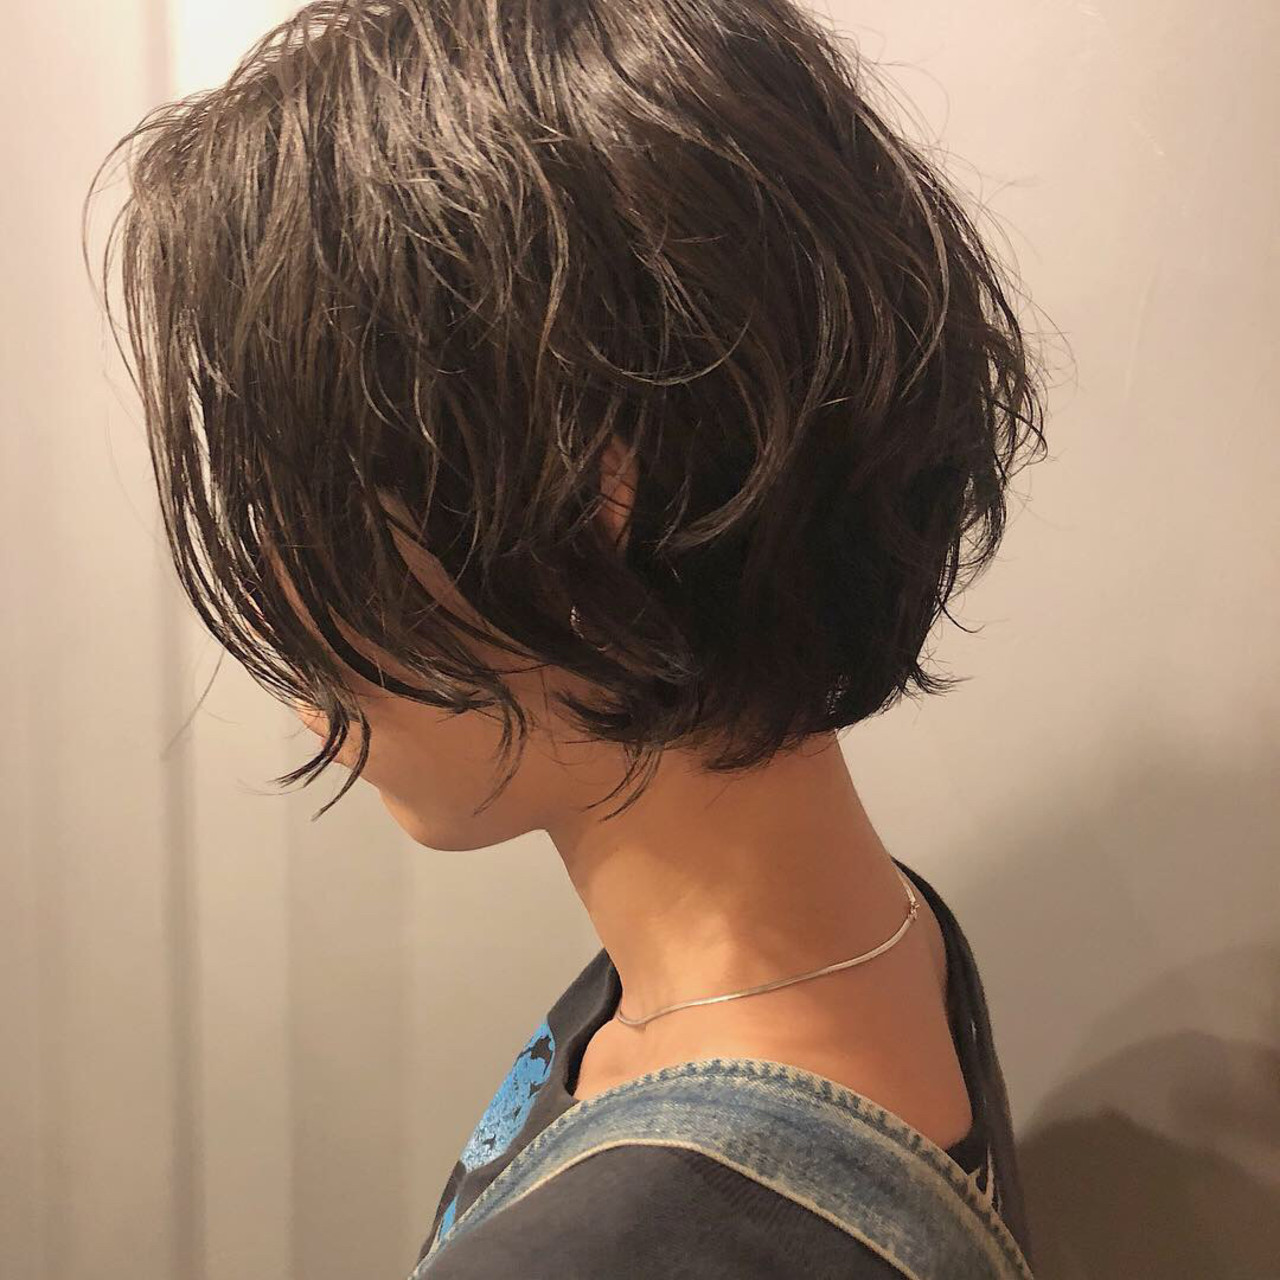 アンニュイほつれヘア ナチュラル ショート グレージュ ヘアスタイルや髪型の写真・画像